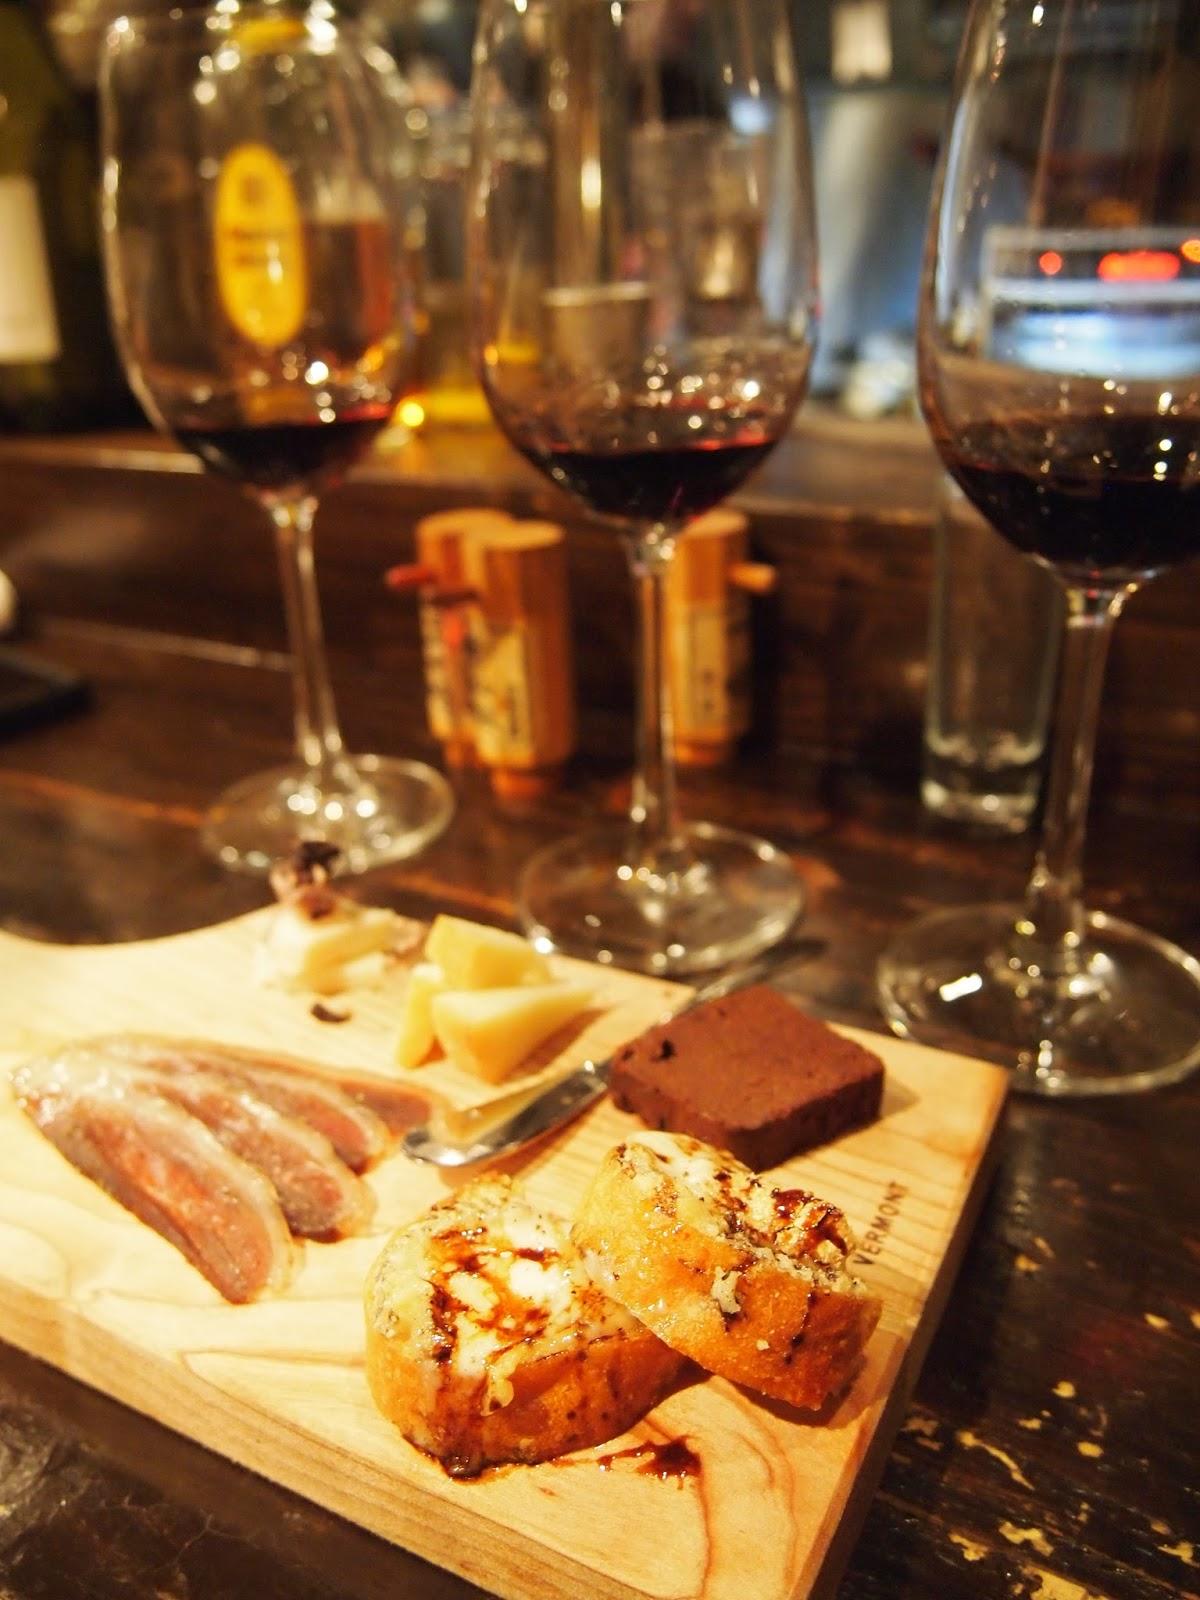 チーズとお酒のあての盛り合わせ 店長と仲良くなれば 飲み比べもさせていただけるかも?!